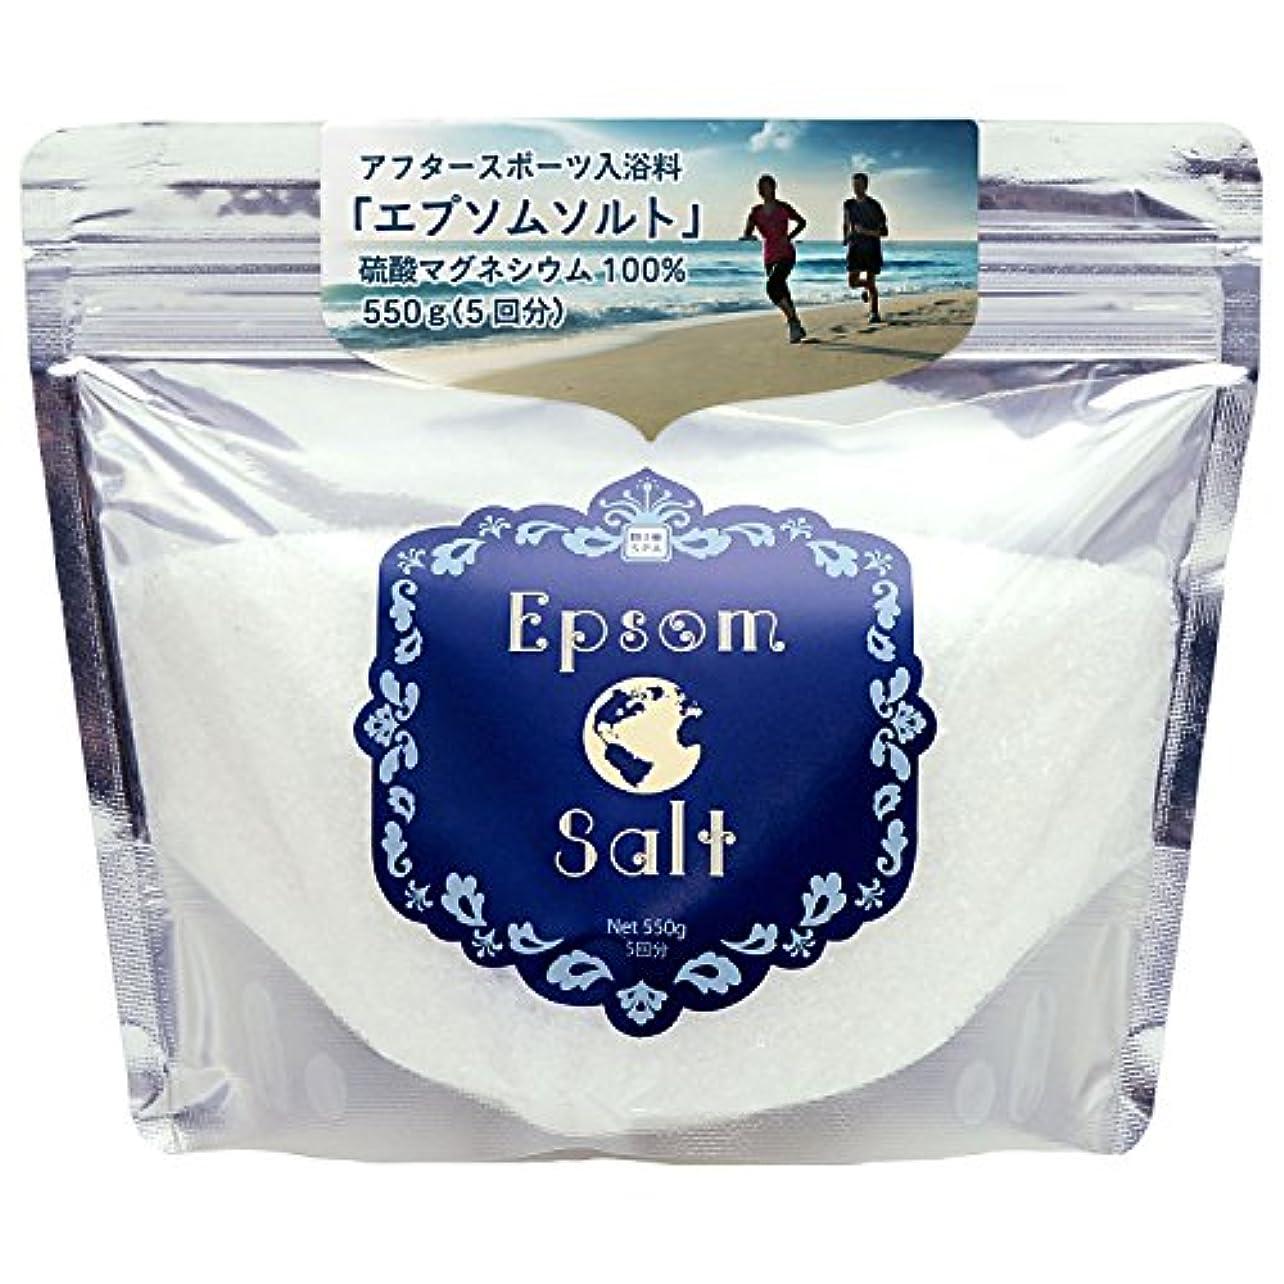 高めるドロー鋸歯状BIOSPA(ビオスパ) 入浴剤 エプソムソルト スポーツエディション 550g 約5回分 軽量スプーン付 EBS402